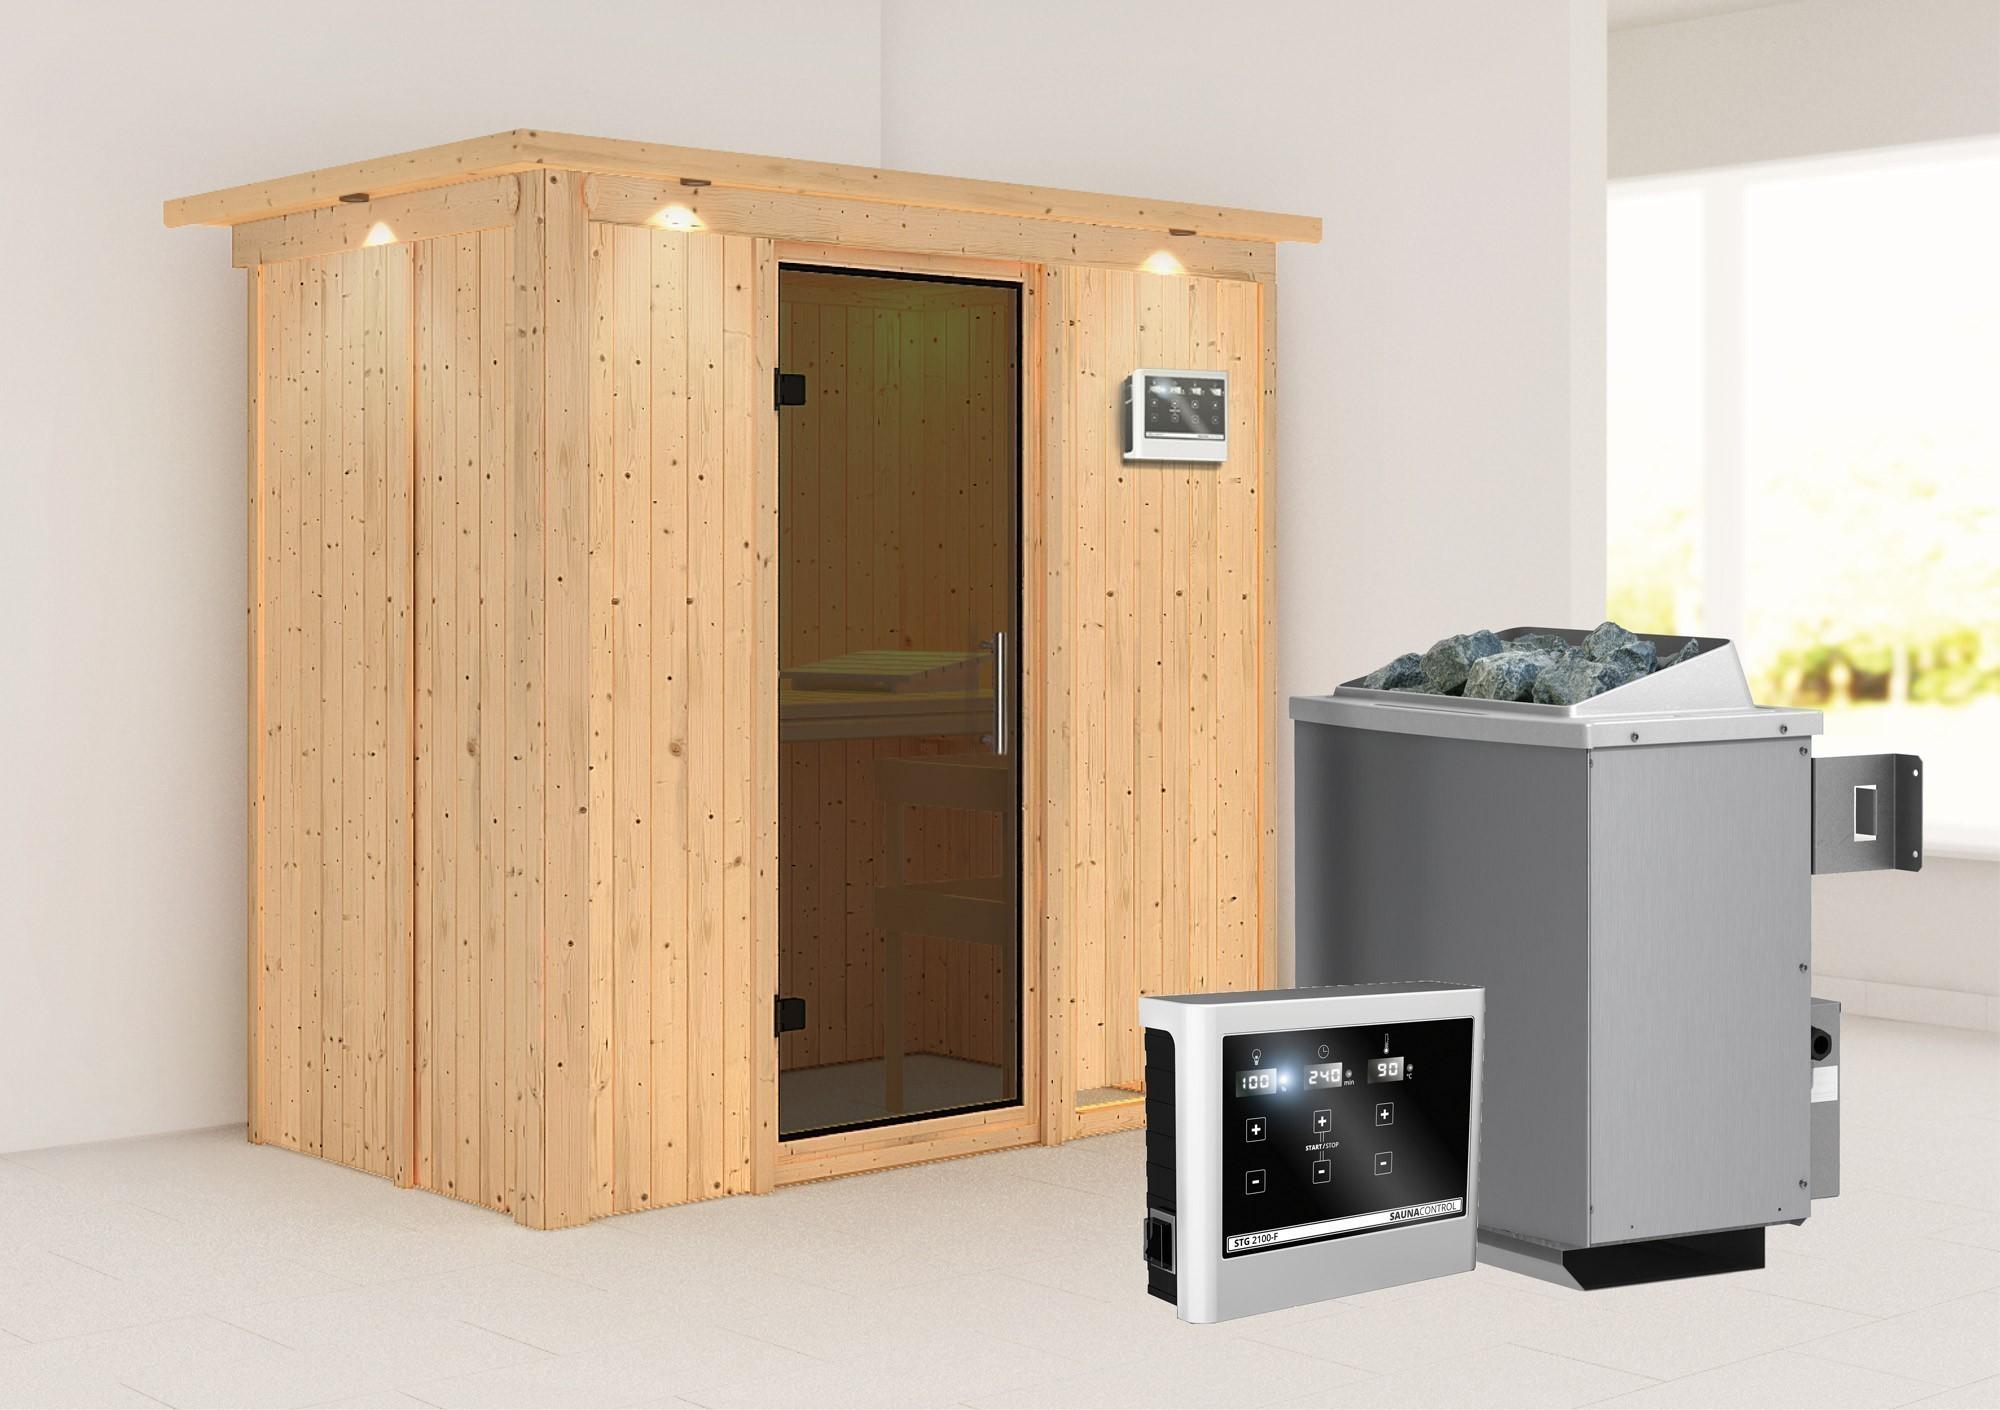 Karibu Sauna Variado 68mm Dachkranz Saunaofen 9kW extern moderne Tür Bild 1